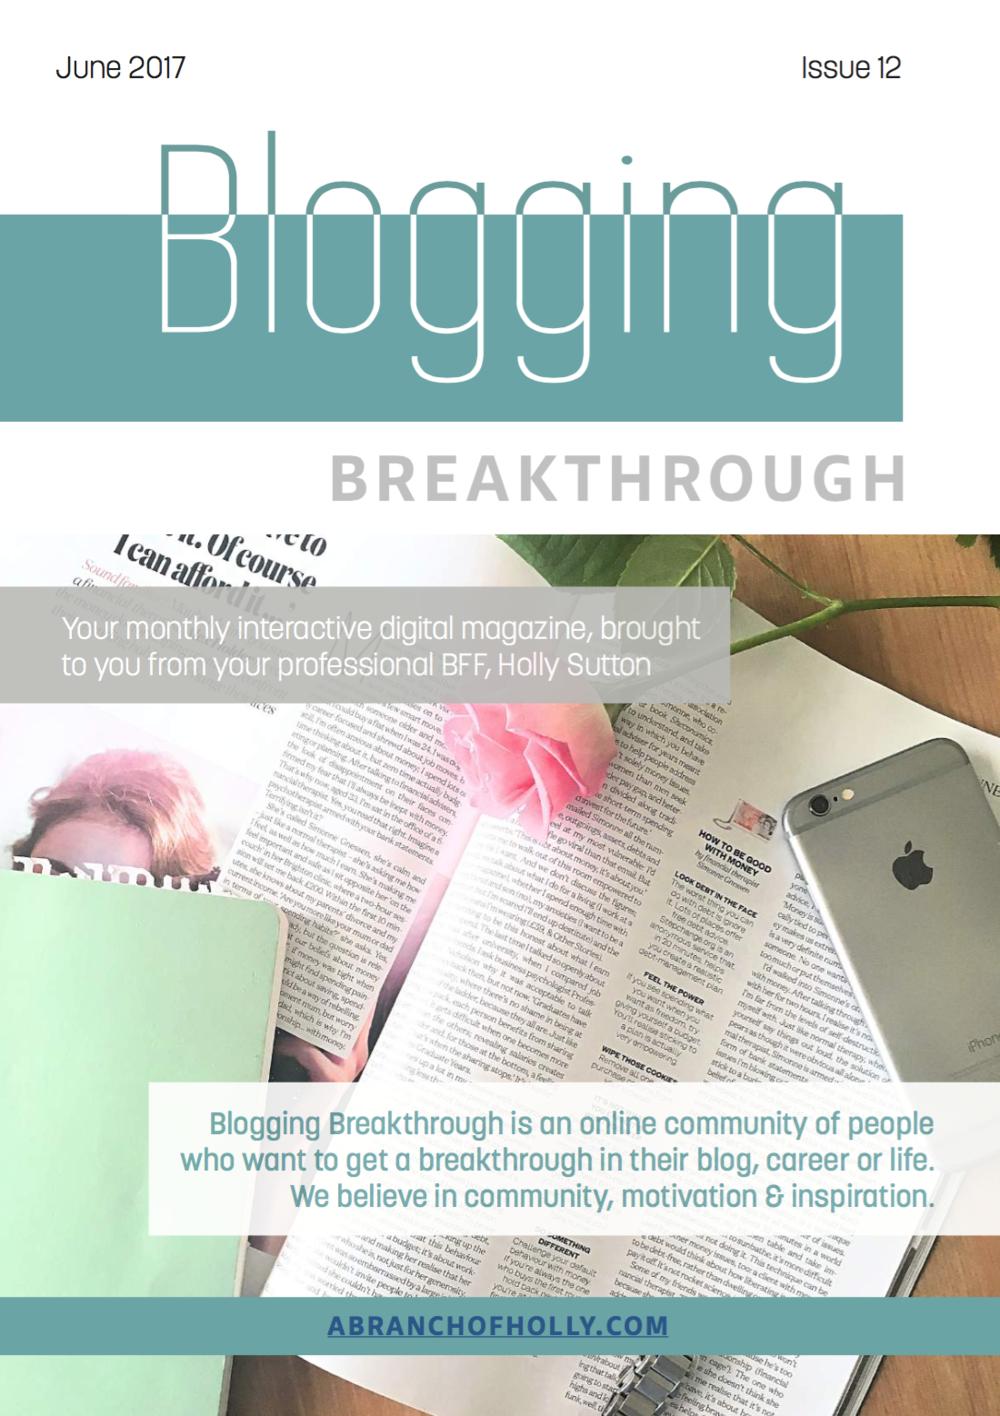 blogging breakthrough june 2018 issue 12